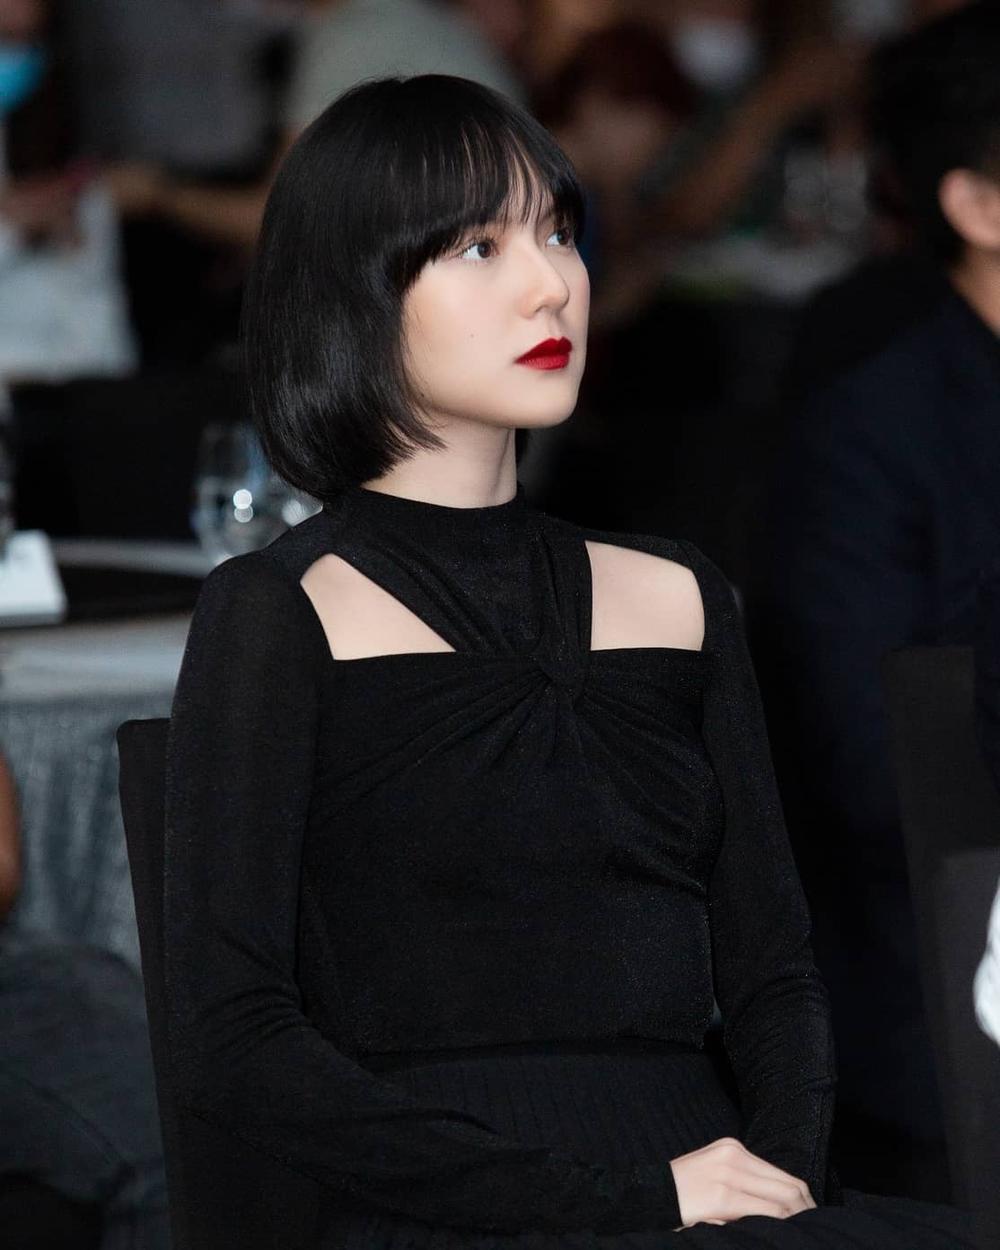 Người tình màn ảnh của Sơn Tùng bất ngờ bị chỉ trích bởi thái độ lạnh lùng 'kênh kiệu' Ảnh 1